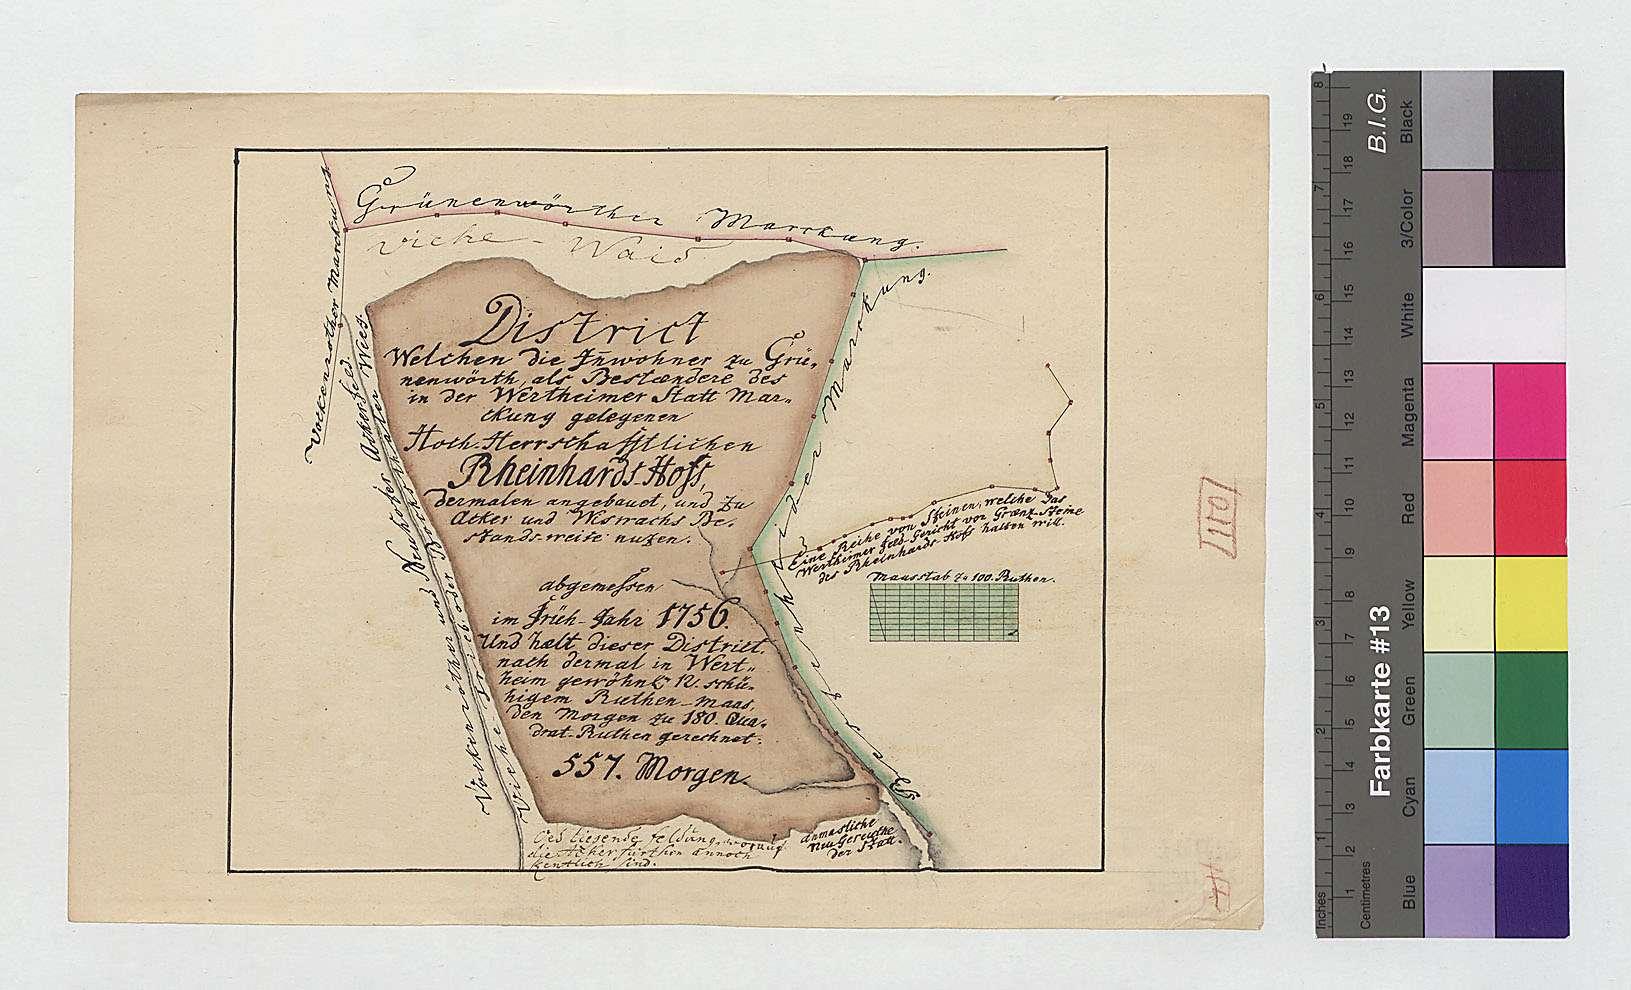 Distrikt Reinhardshof, von den Bürgern von Grünenwört gepachet und zu Acker und Wiese angebaut, Bild 1